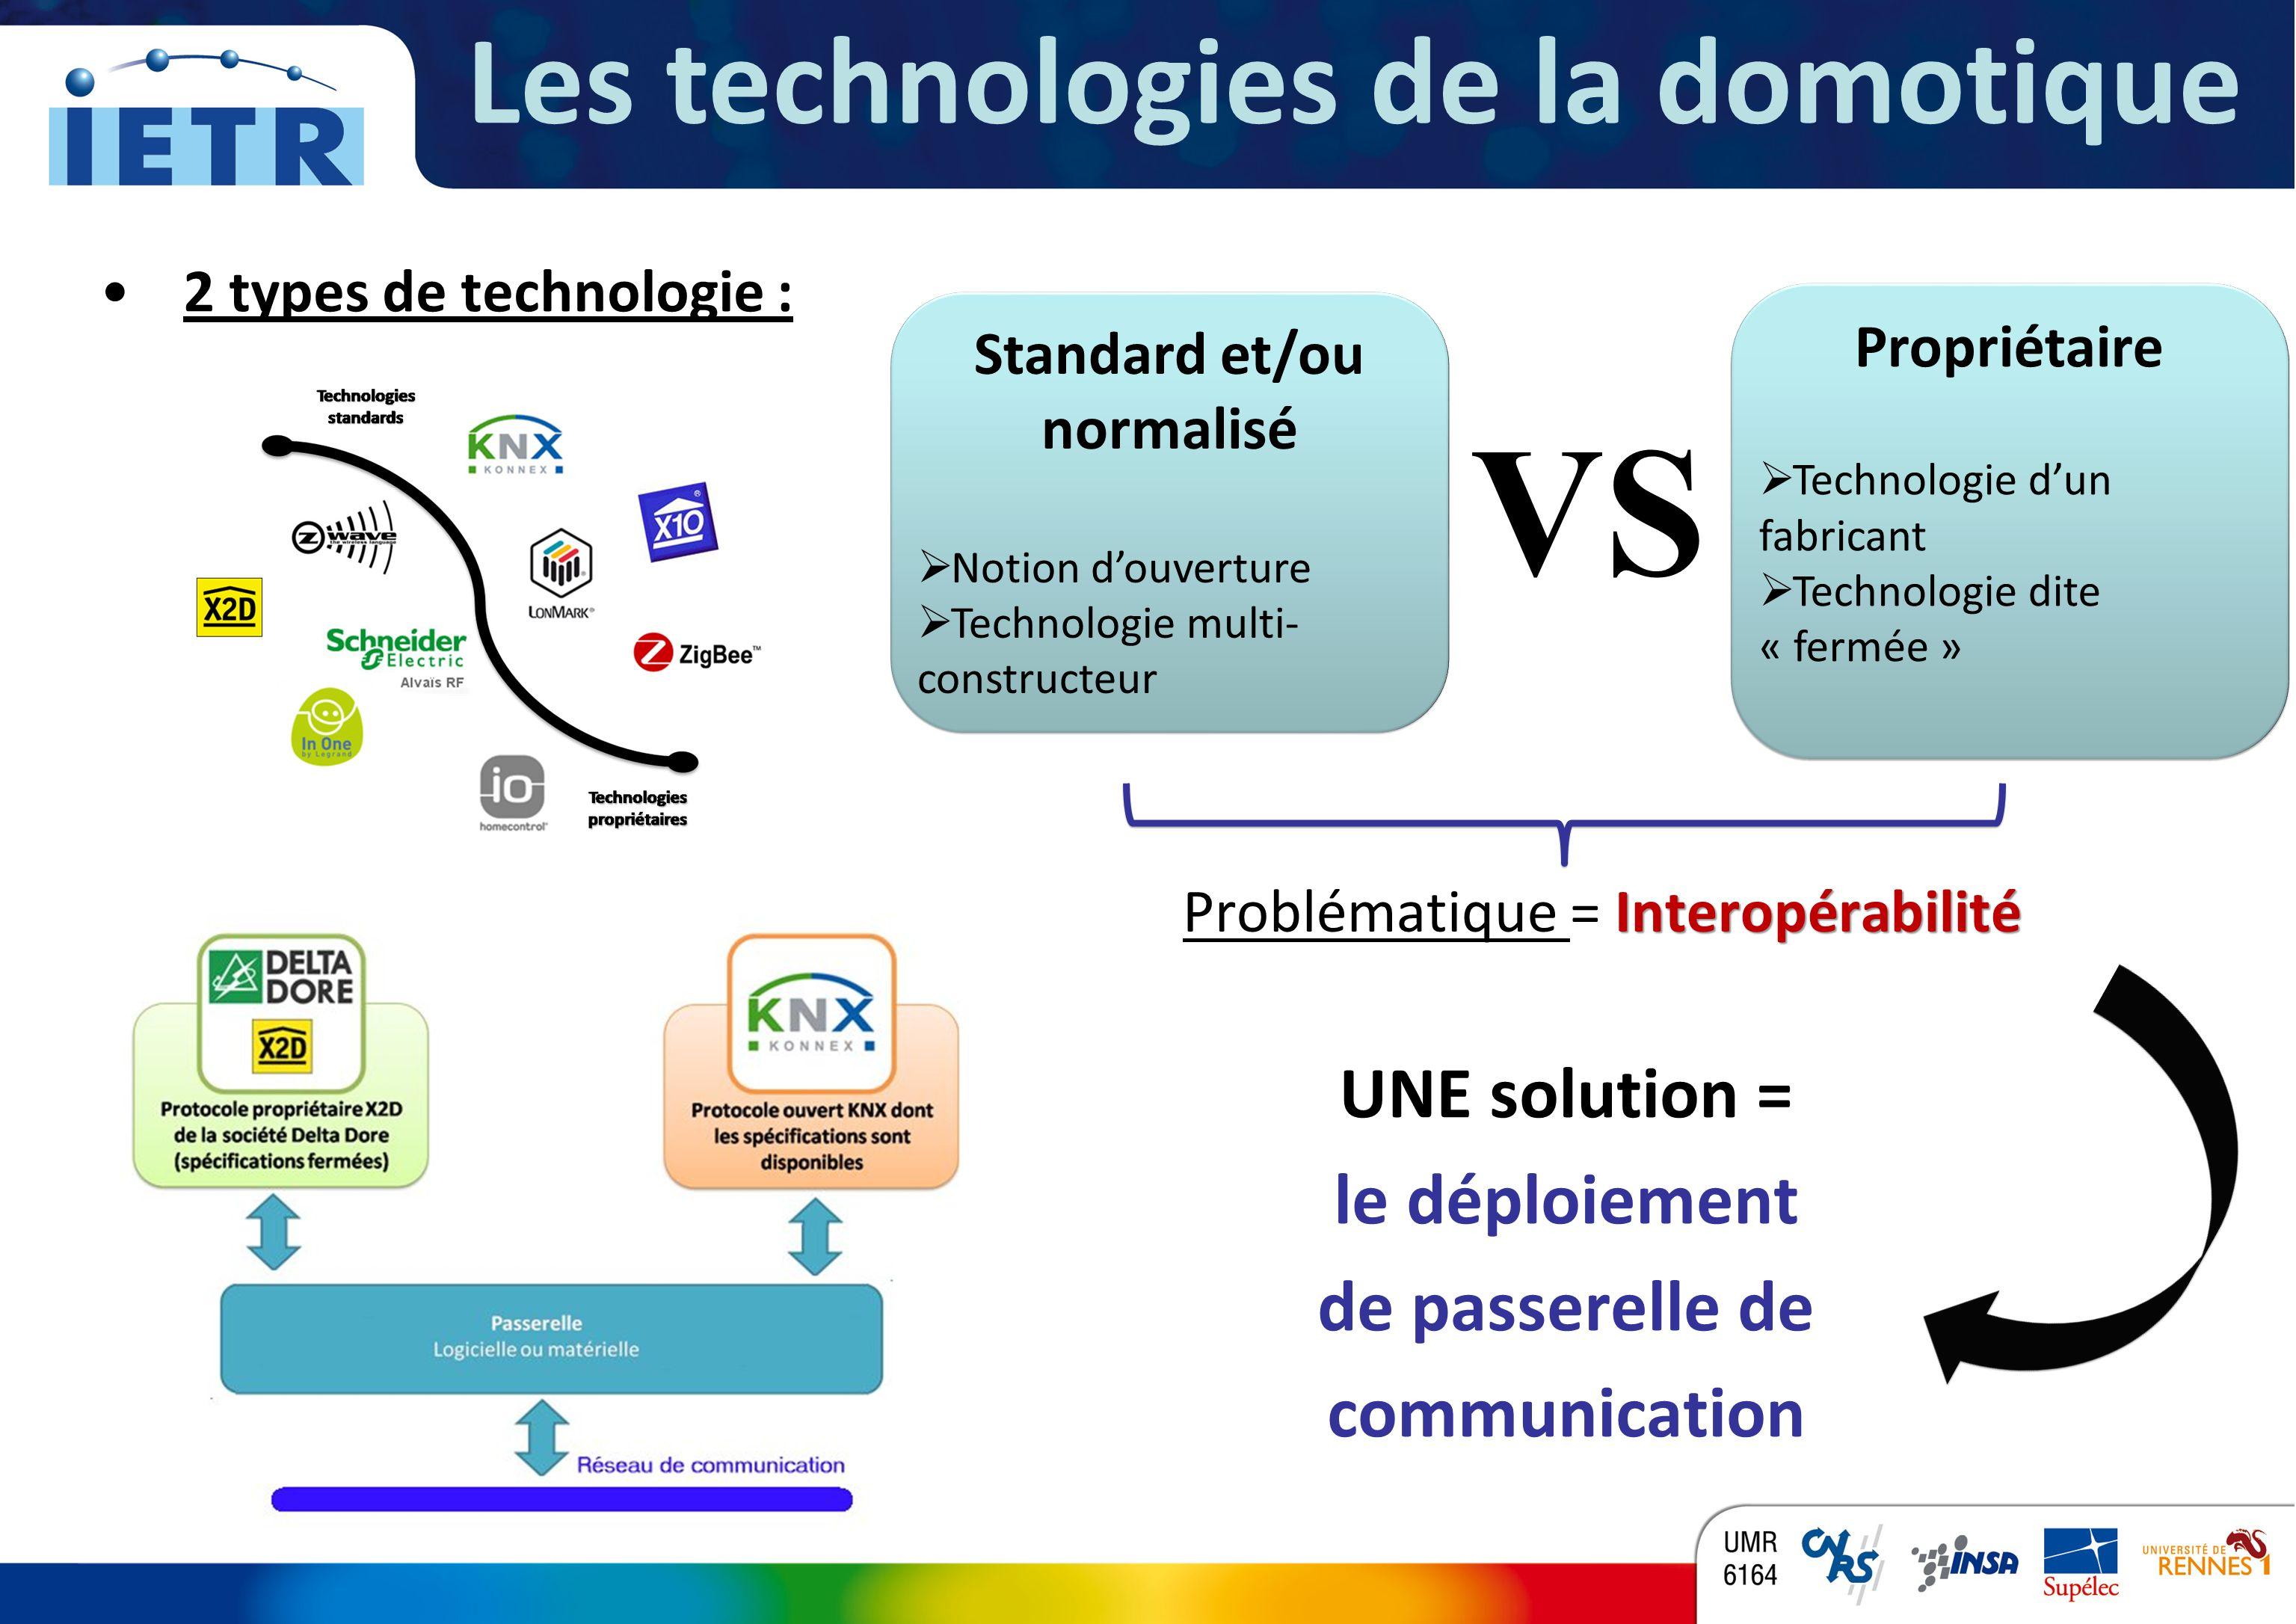 Les technologies de la domotique Standard et/ou normalisé